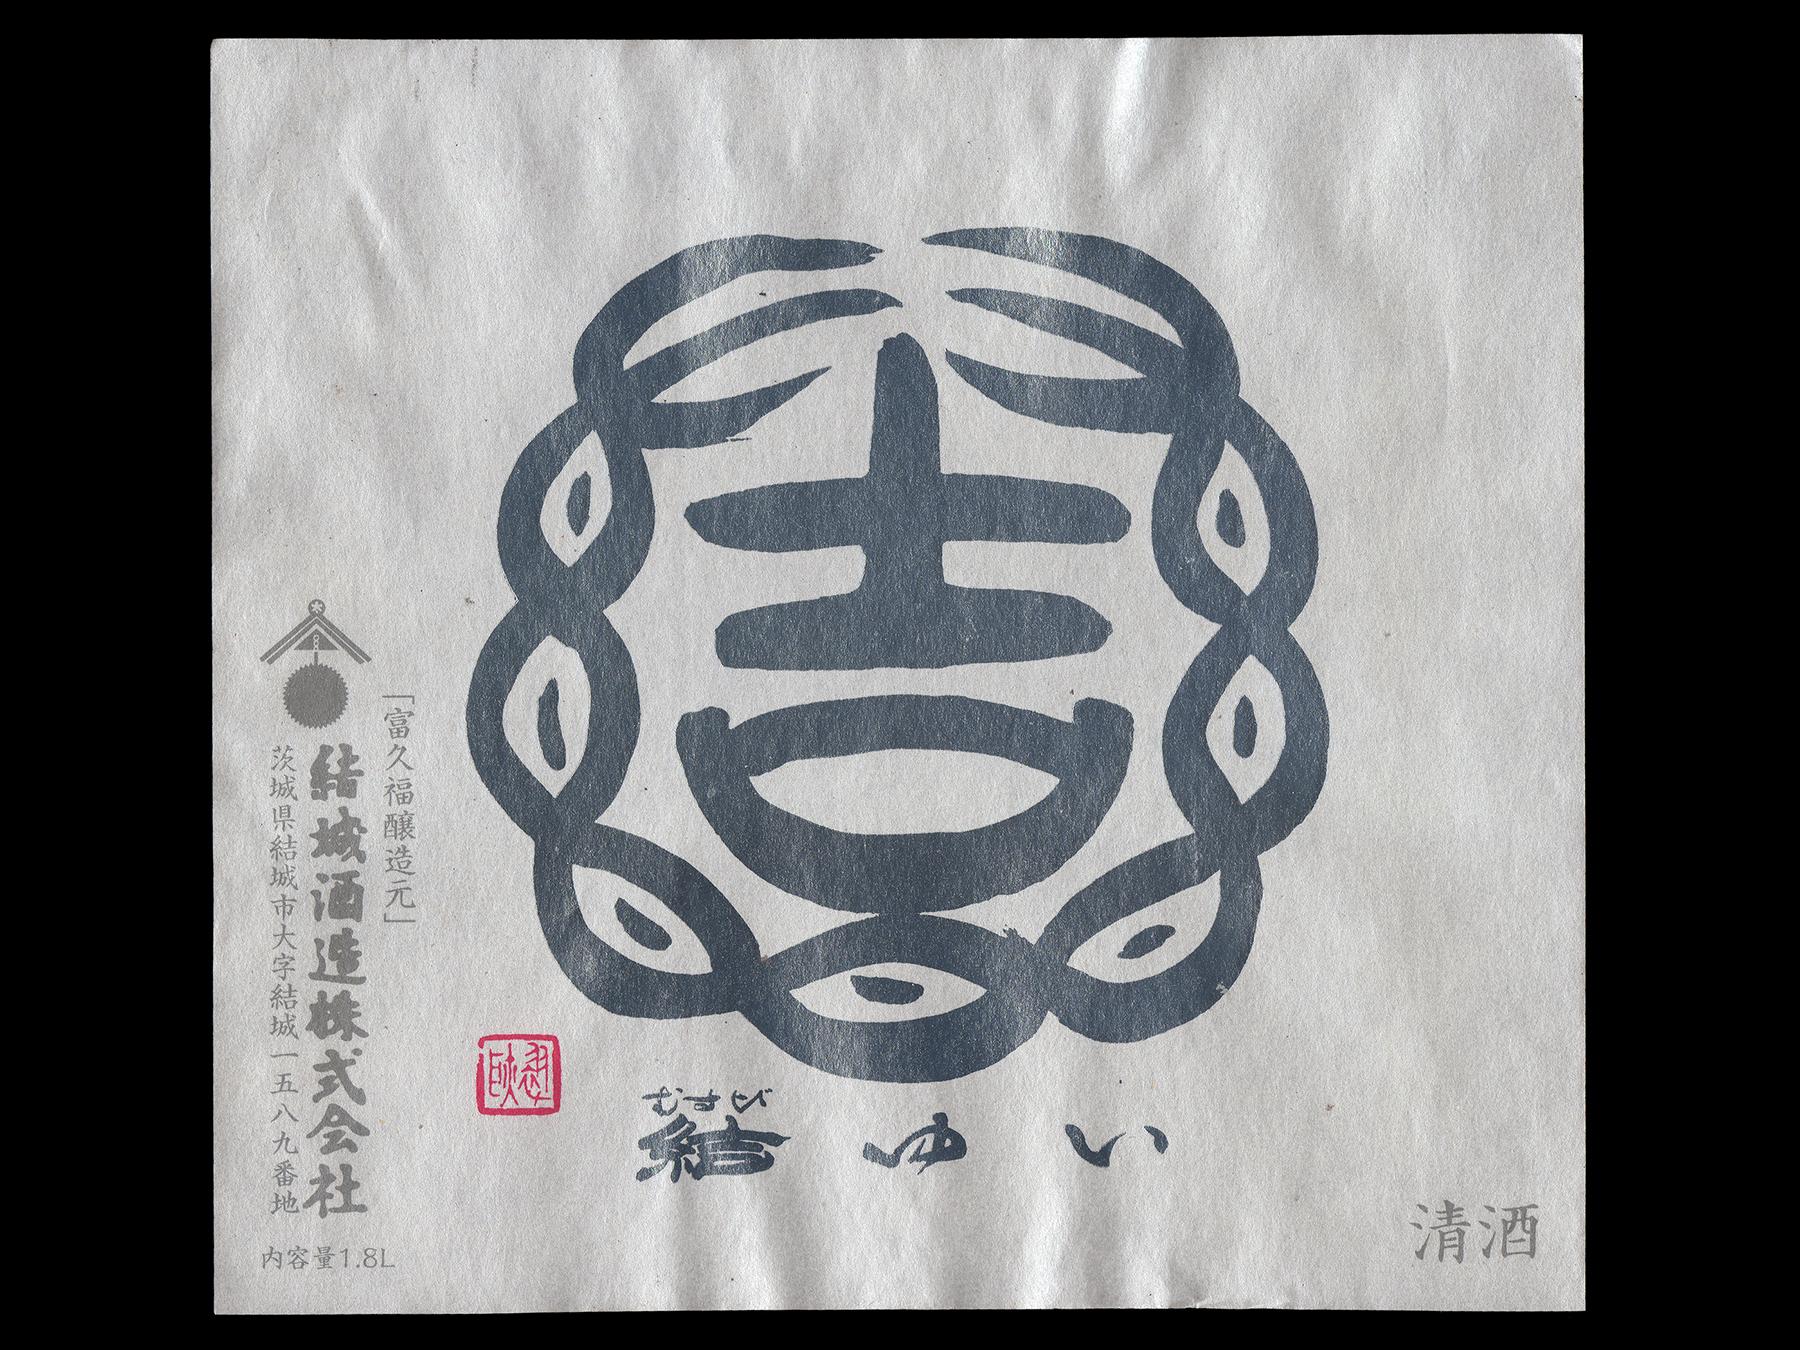 結ゆい(むすびゆい)「純米大吟醸」赤磐産雄町池田酒店別誂ラベル